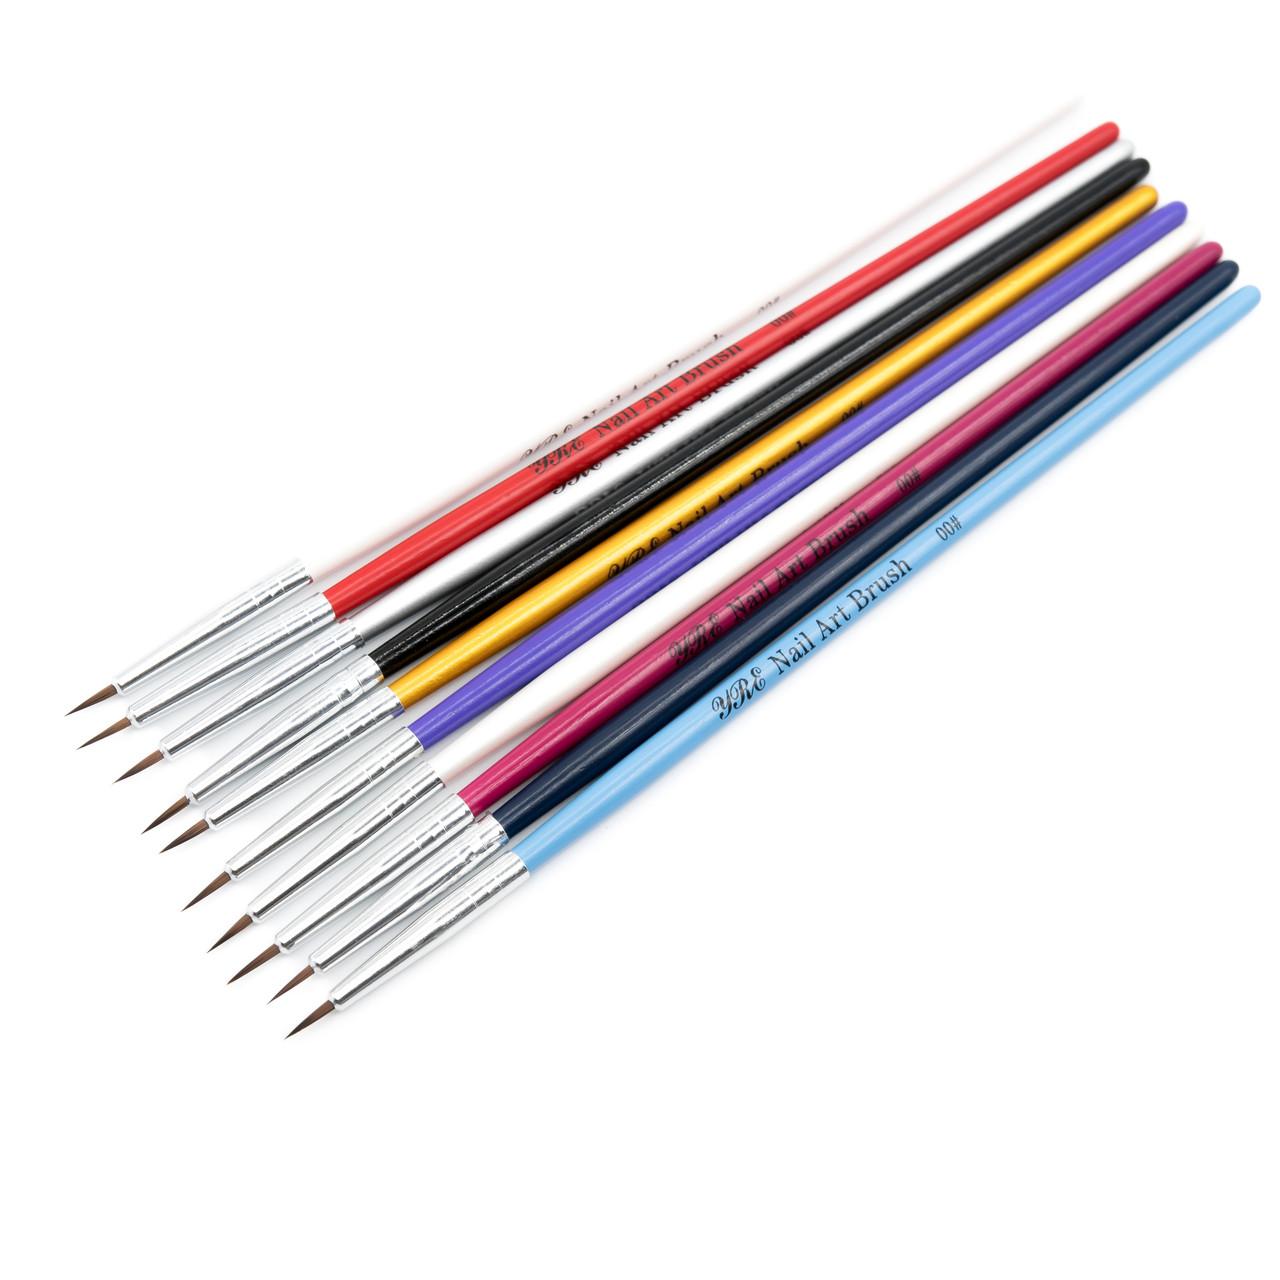 Кисть для дизайна цветная ручка